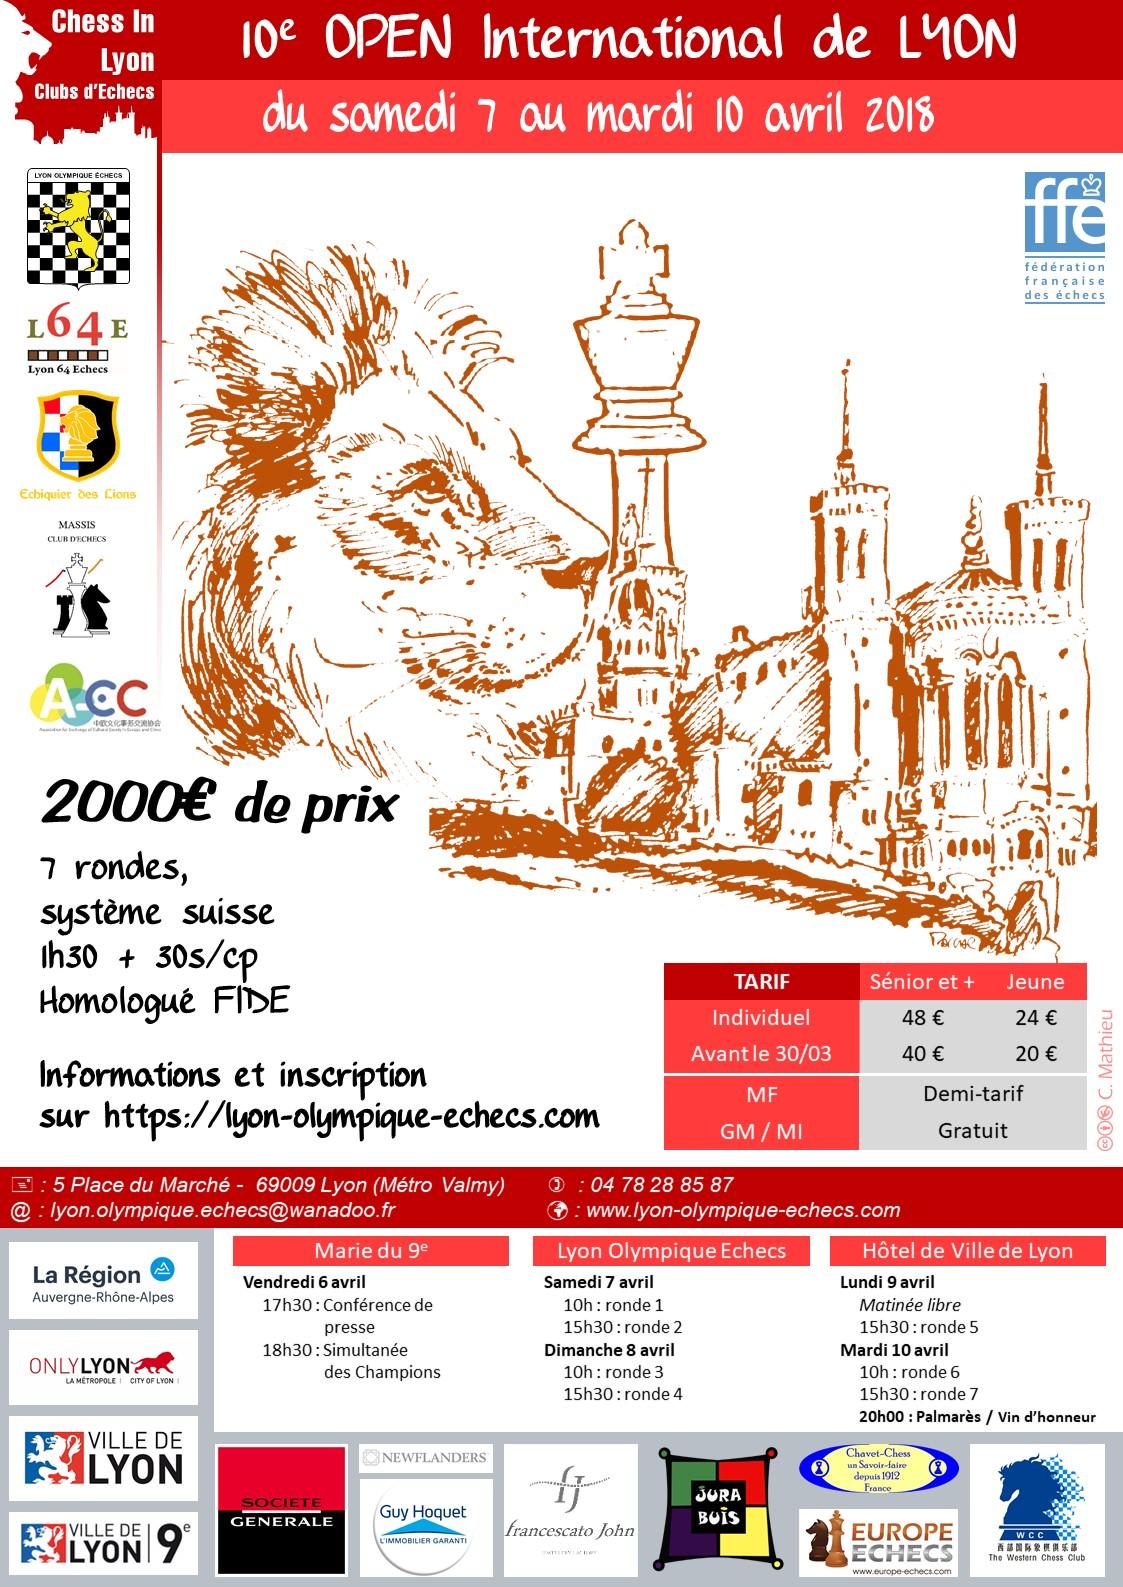 10ème Open International d'Échecs de Lyon du samedi 7 au mardi 10 avril 2018 ! Conférence de presse et simultanées géantes le vendredi 6 avril